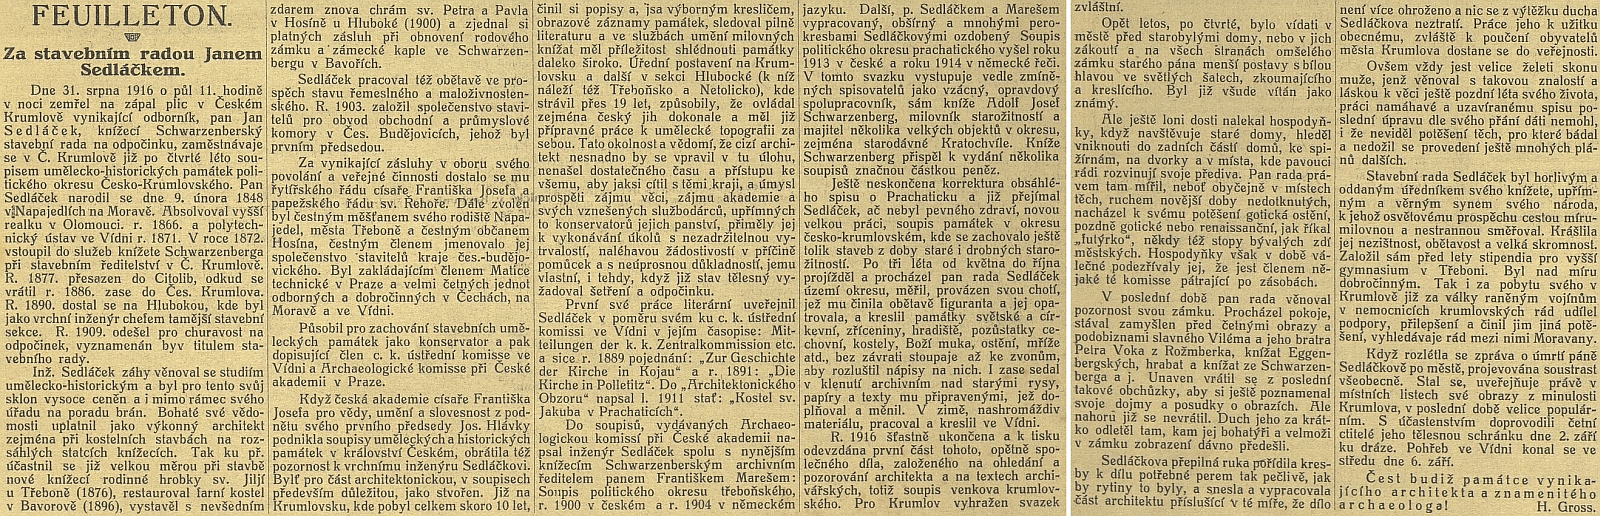 """Nekrolog, jehož autorem v """"podčárníku"""" Jihočeských listů byl archivář Hynek Gross"""